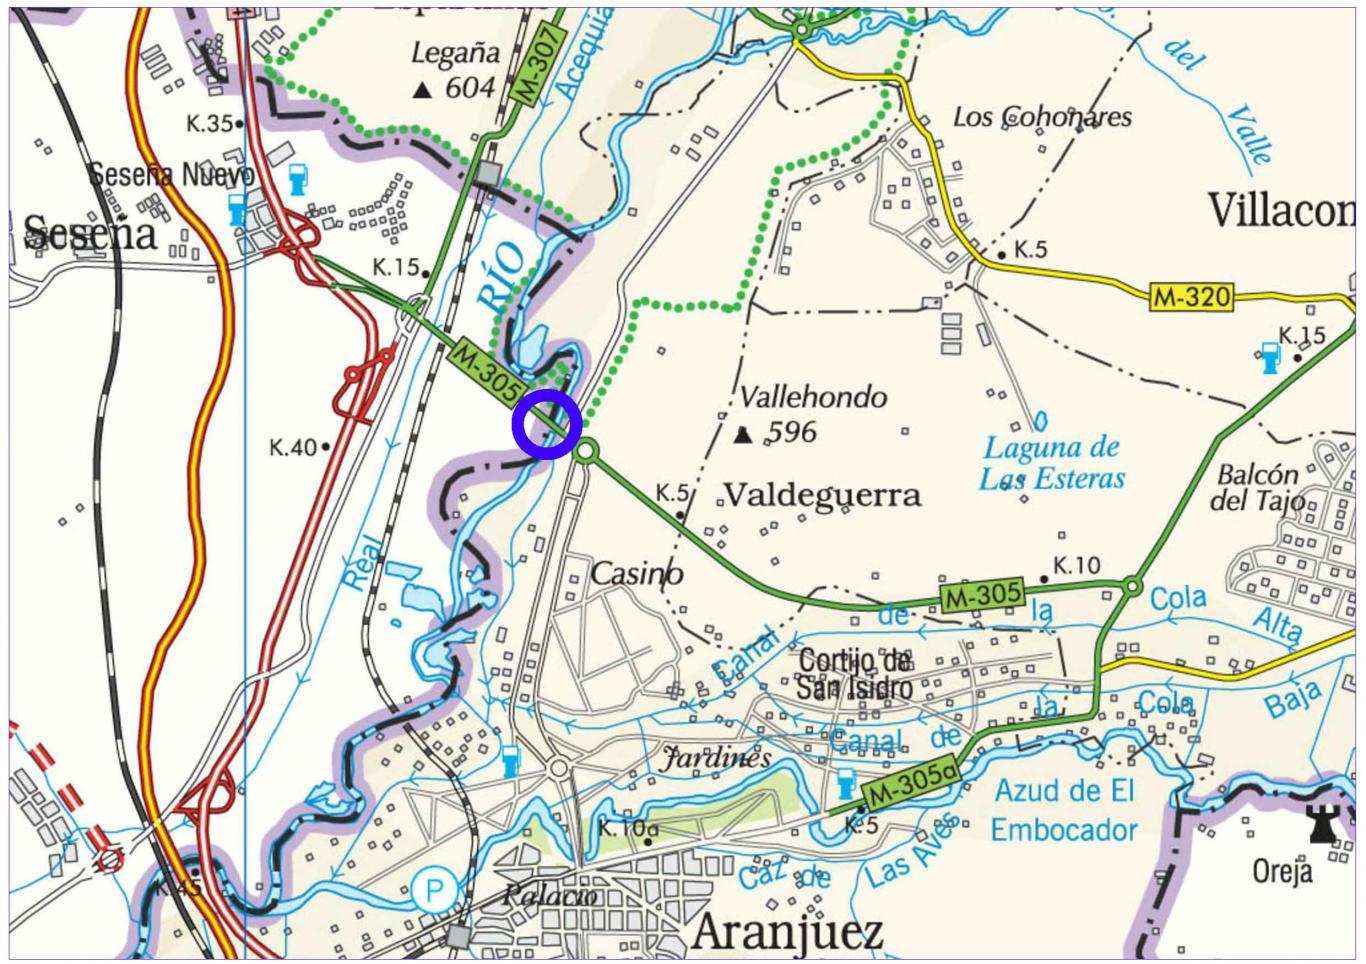 Mapa de situación de la actuación sobre el puente largo de Aranjuez en la M-305